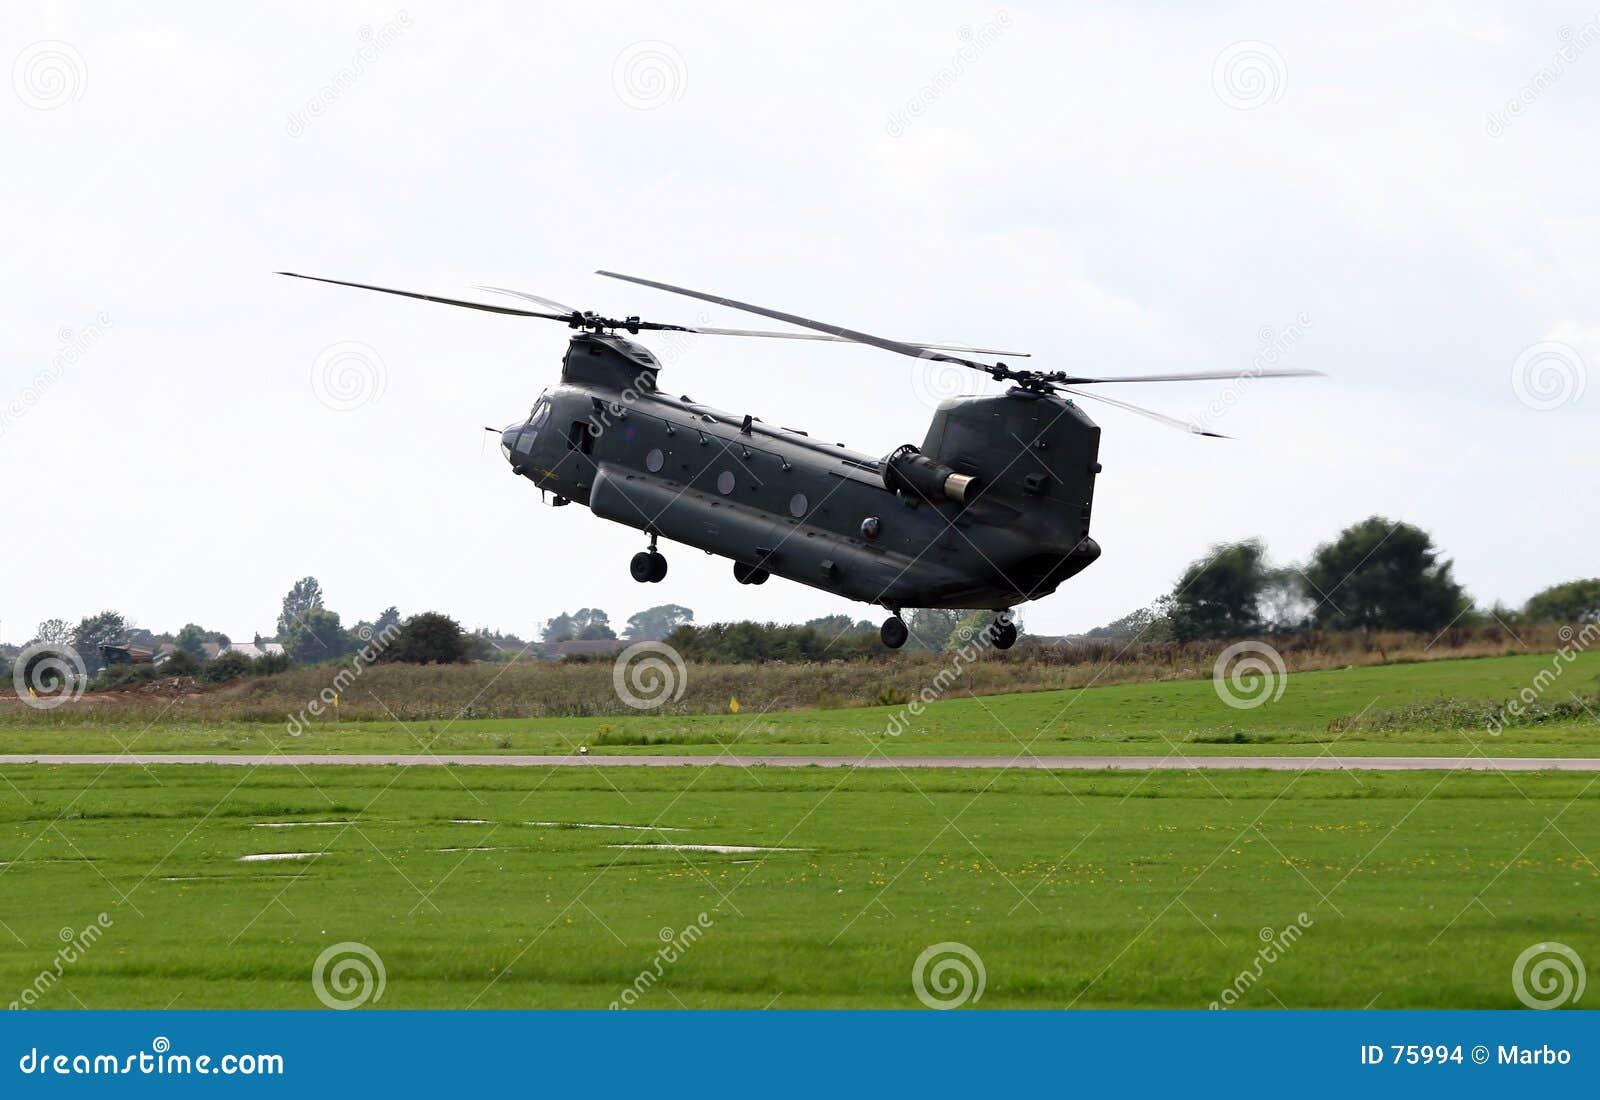 Hélicoptère de Chinook